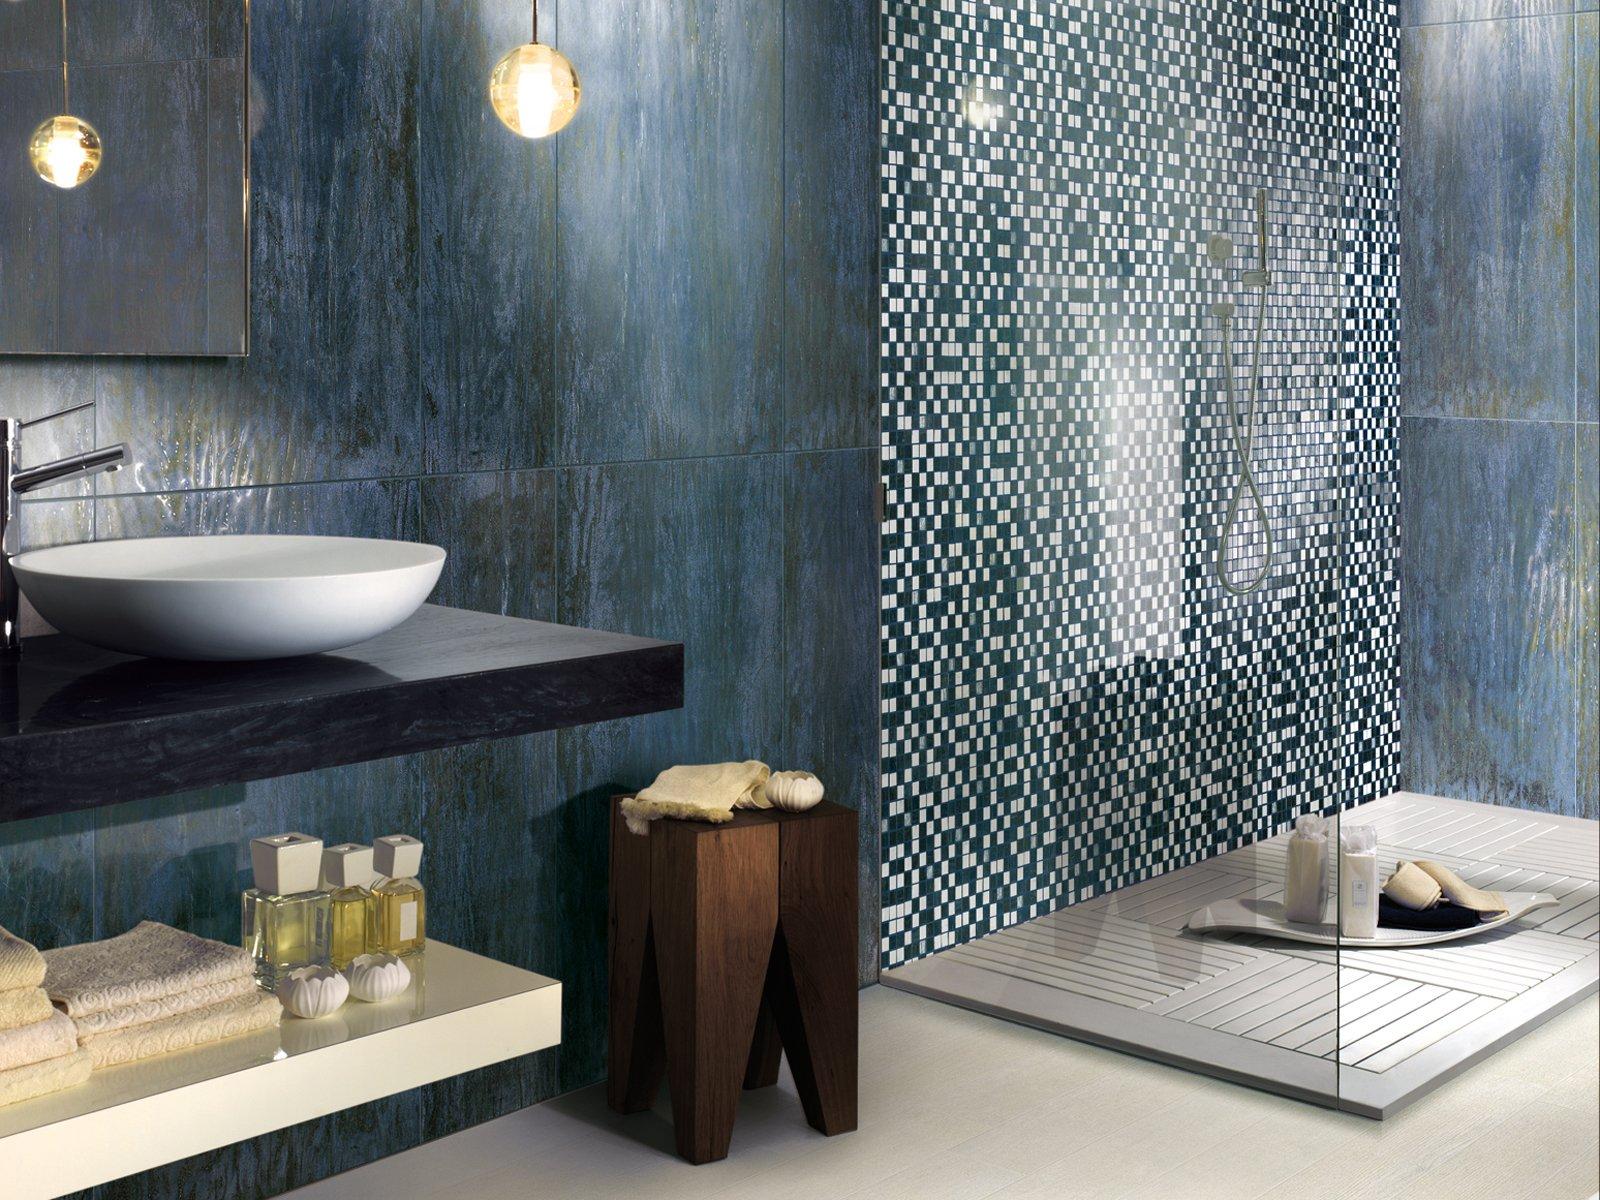 Angolari per piastrelle bagno - Bagno moderno piastrelle ...